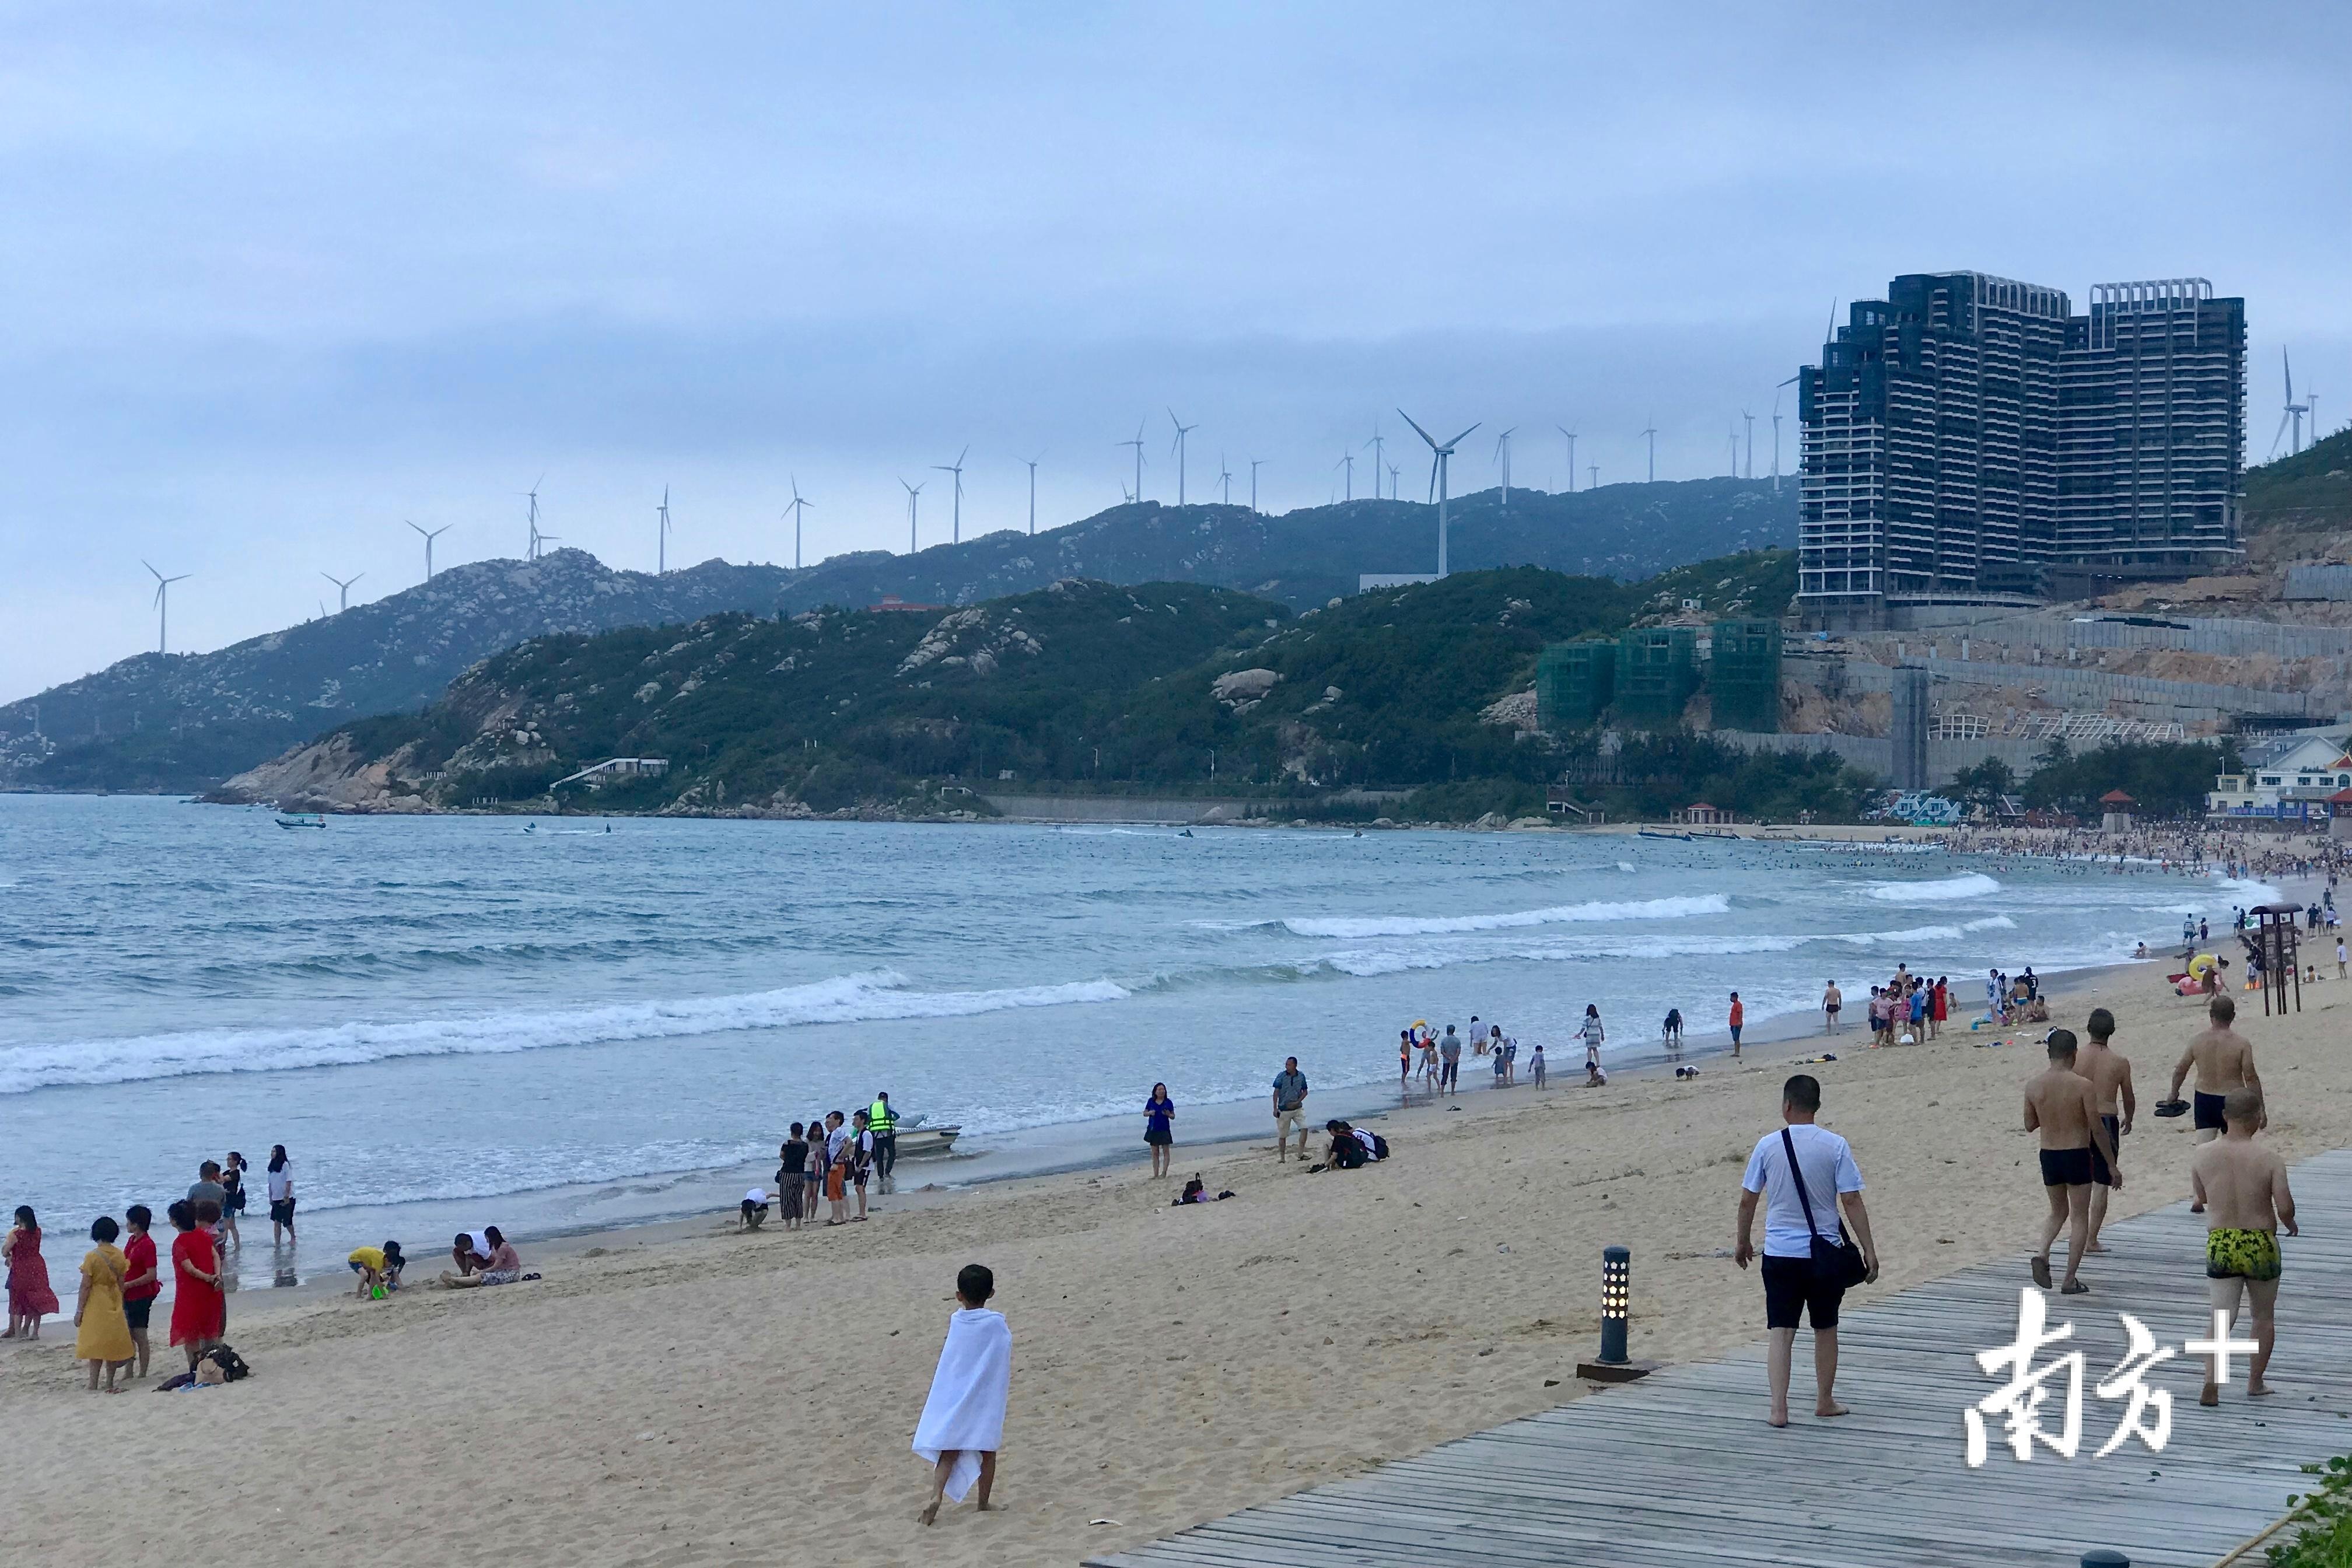 40年来,南澳的风电经济随特区发展而稳步增长。杨立轩 摄.